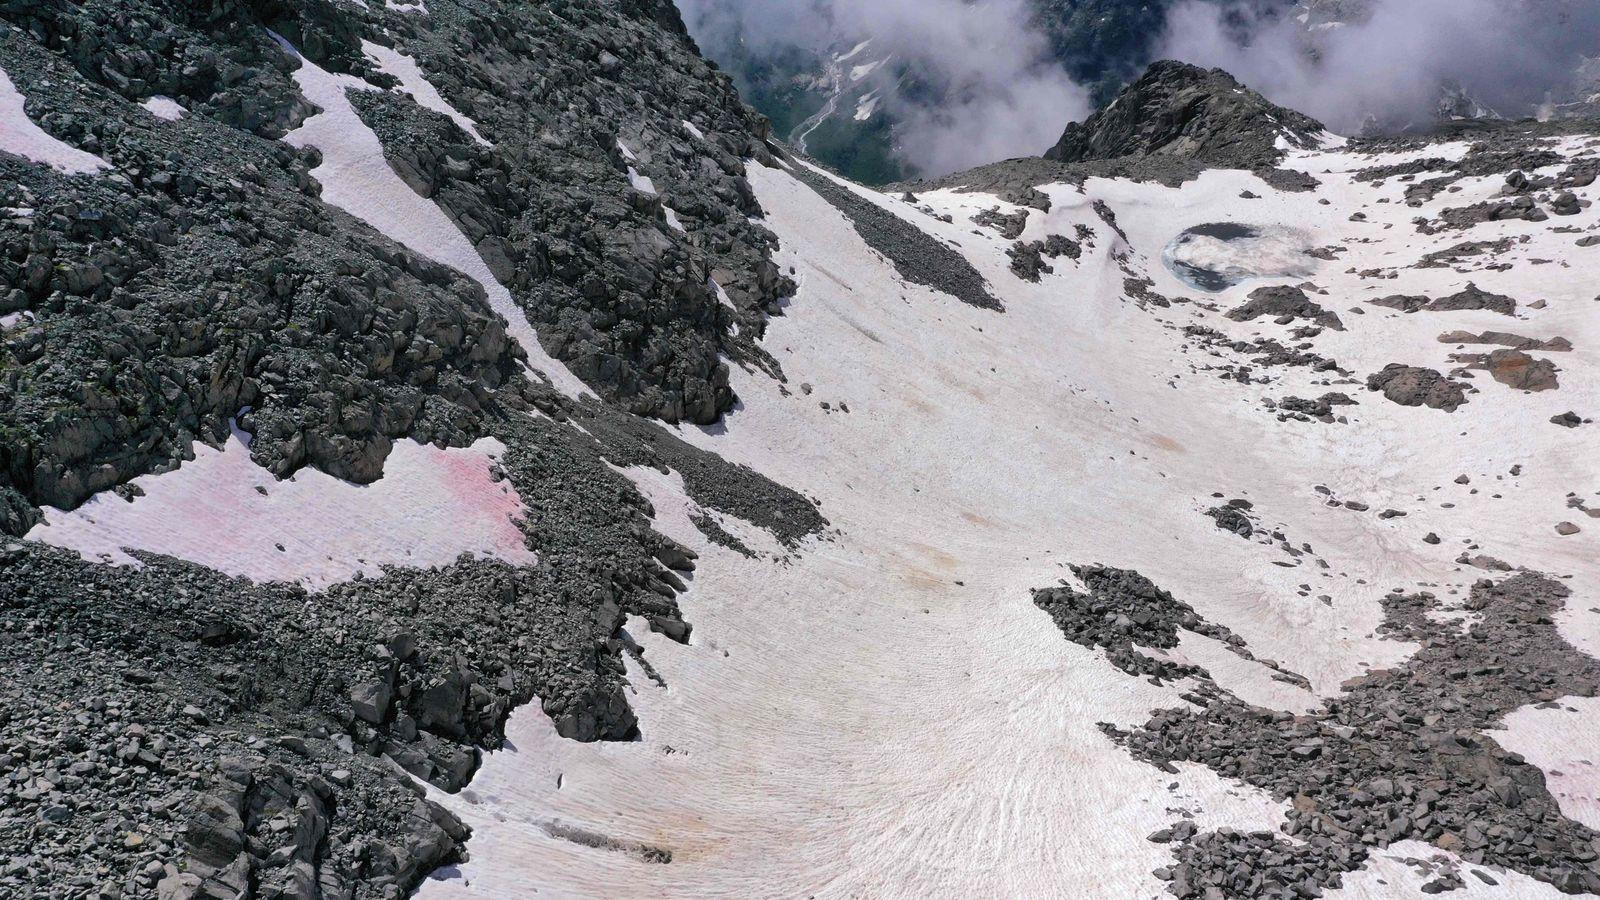 ITALY-MOUNTAIN-ENVIRONMENT-SNOW-ALGAE